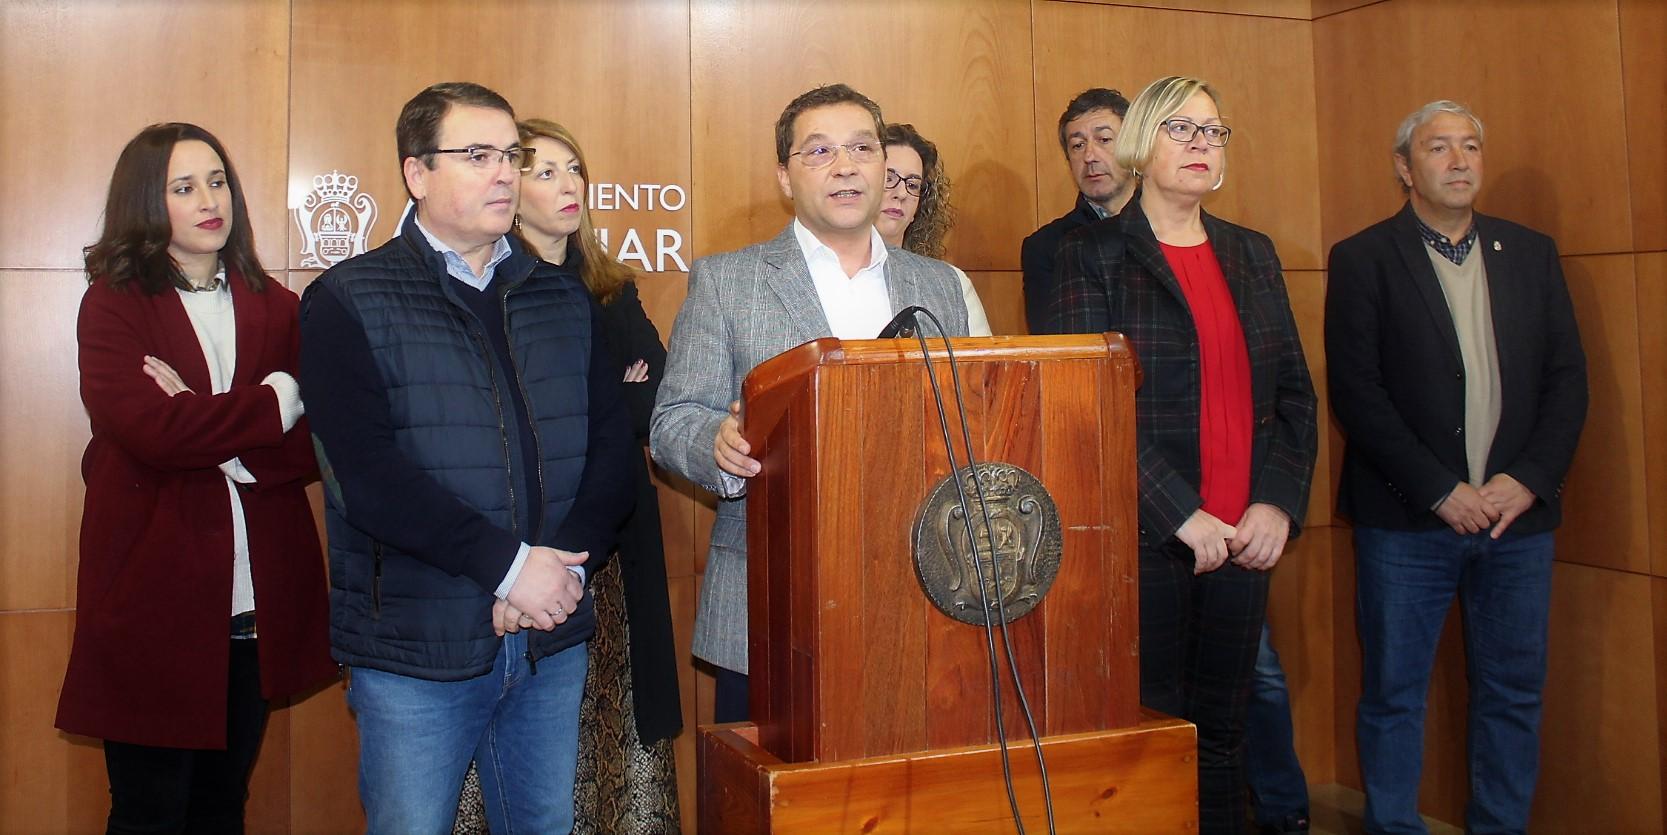 El alcalde reasigna las áreas municipales tras la marcha del gobierno de Salas y del Moral